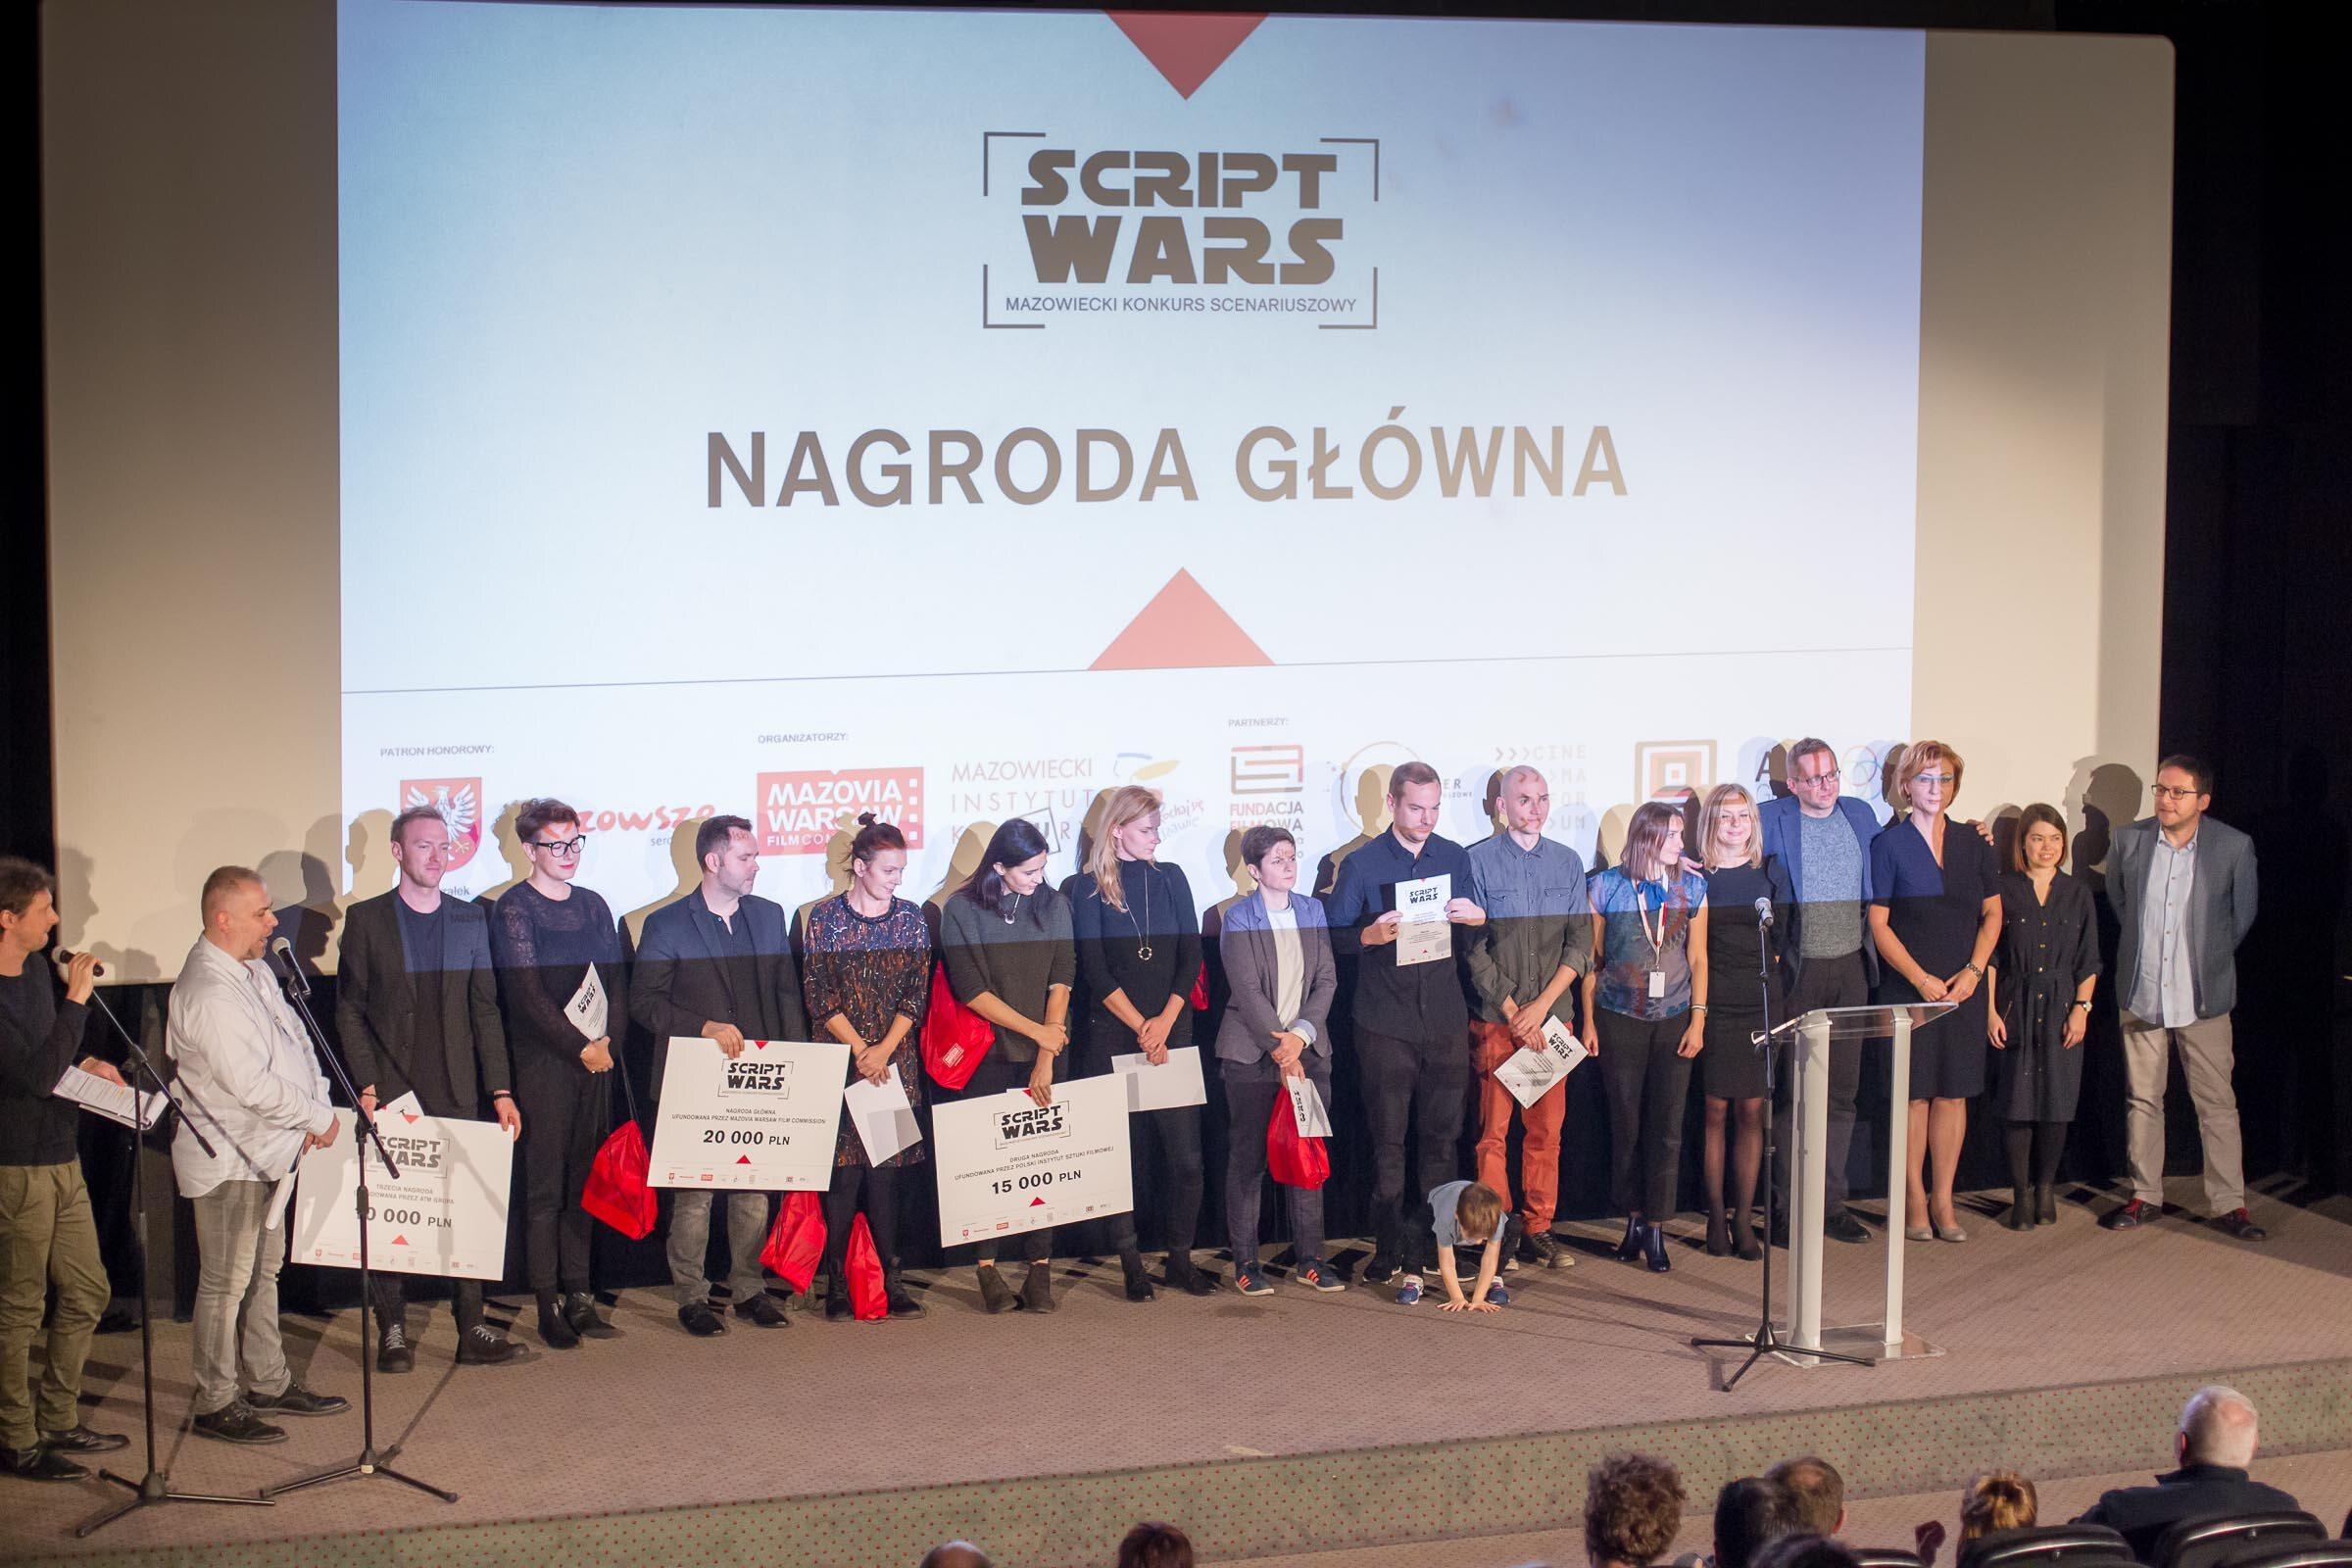 Cinemaforum 2017 - zwycięzcy Script Wars